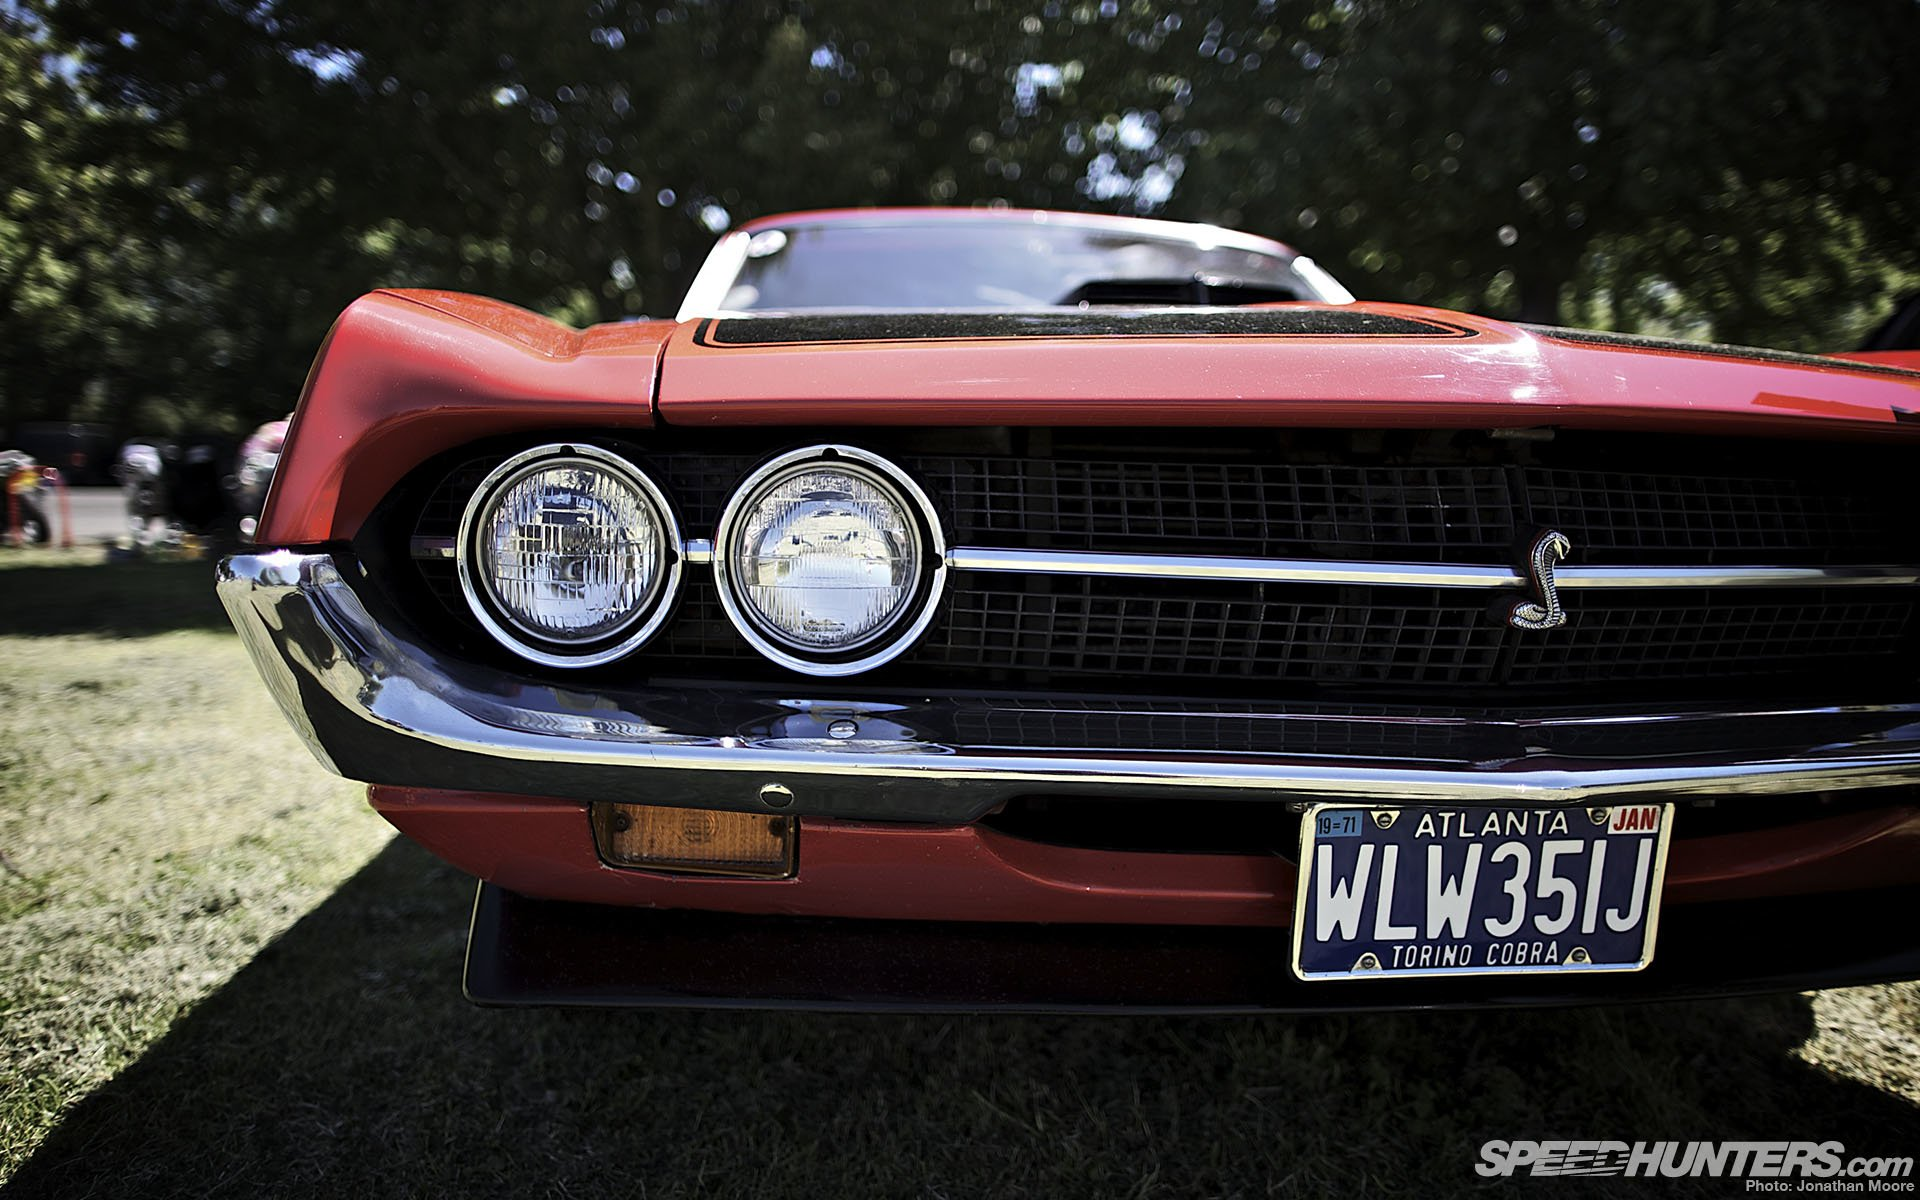 Ford Torino Cobra Fondo De Pantalla Hd Fondo De Escritorio